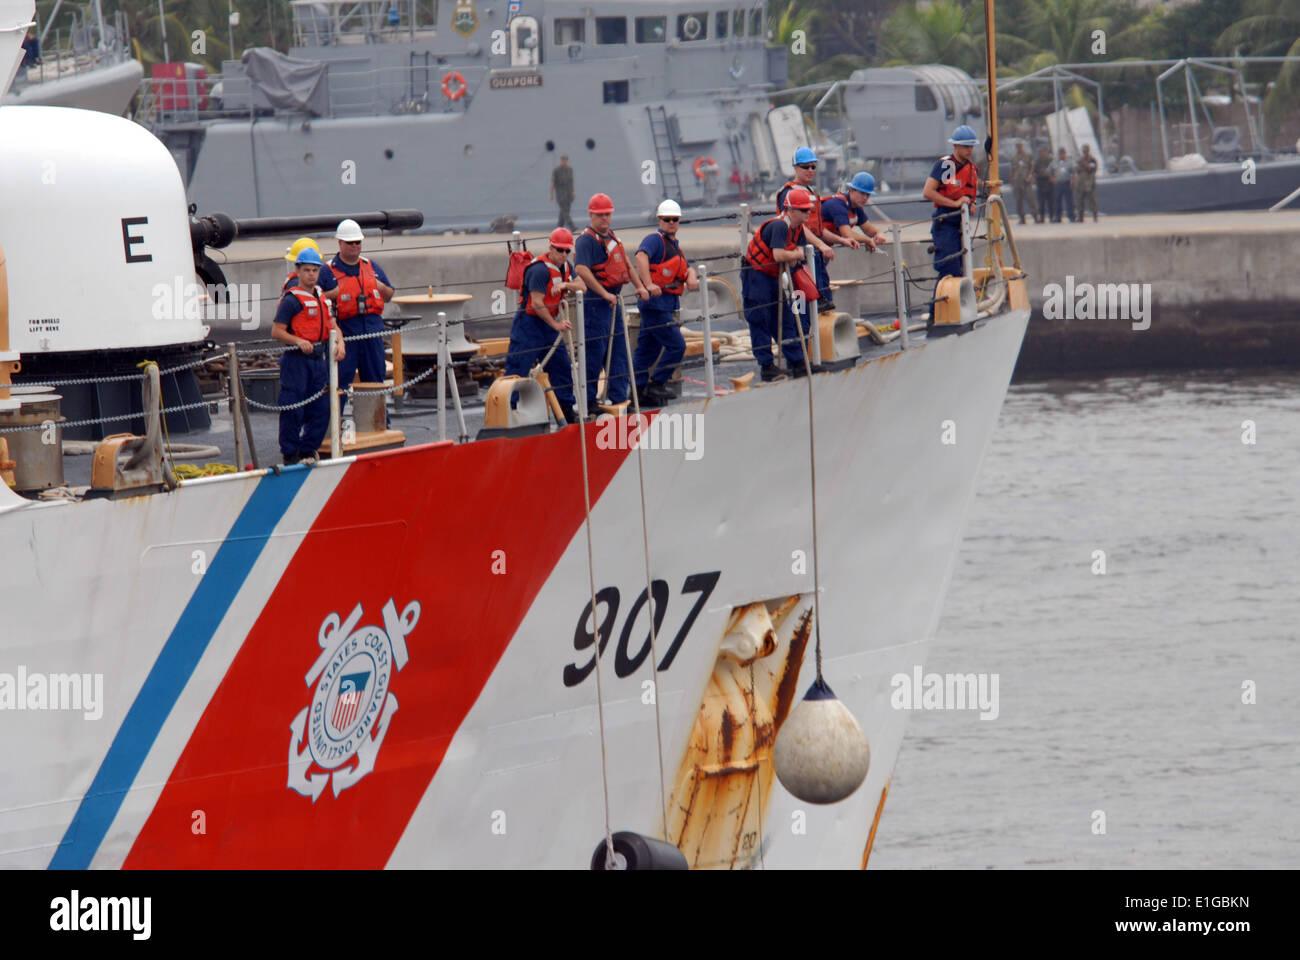 110502-N-ZI300-032 RIO DE JANEIRO (May 2, 2011) U.S. Coast Guard cutter USCGC Escanaba (WMEC 907) gets undereway after six days - Stock Image